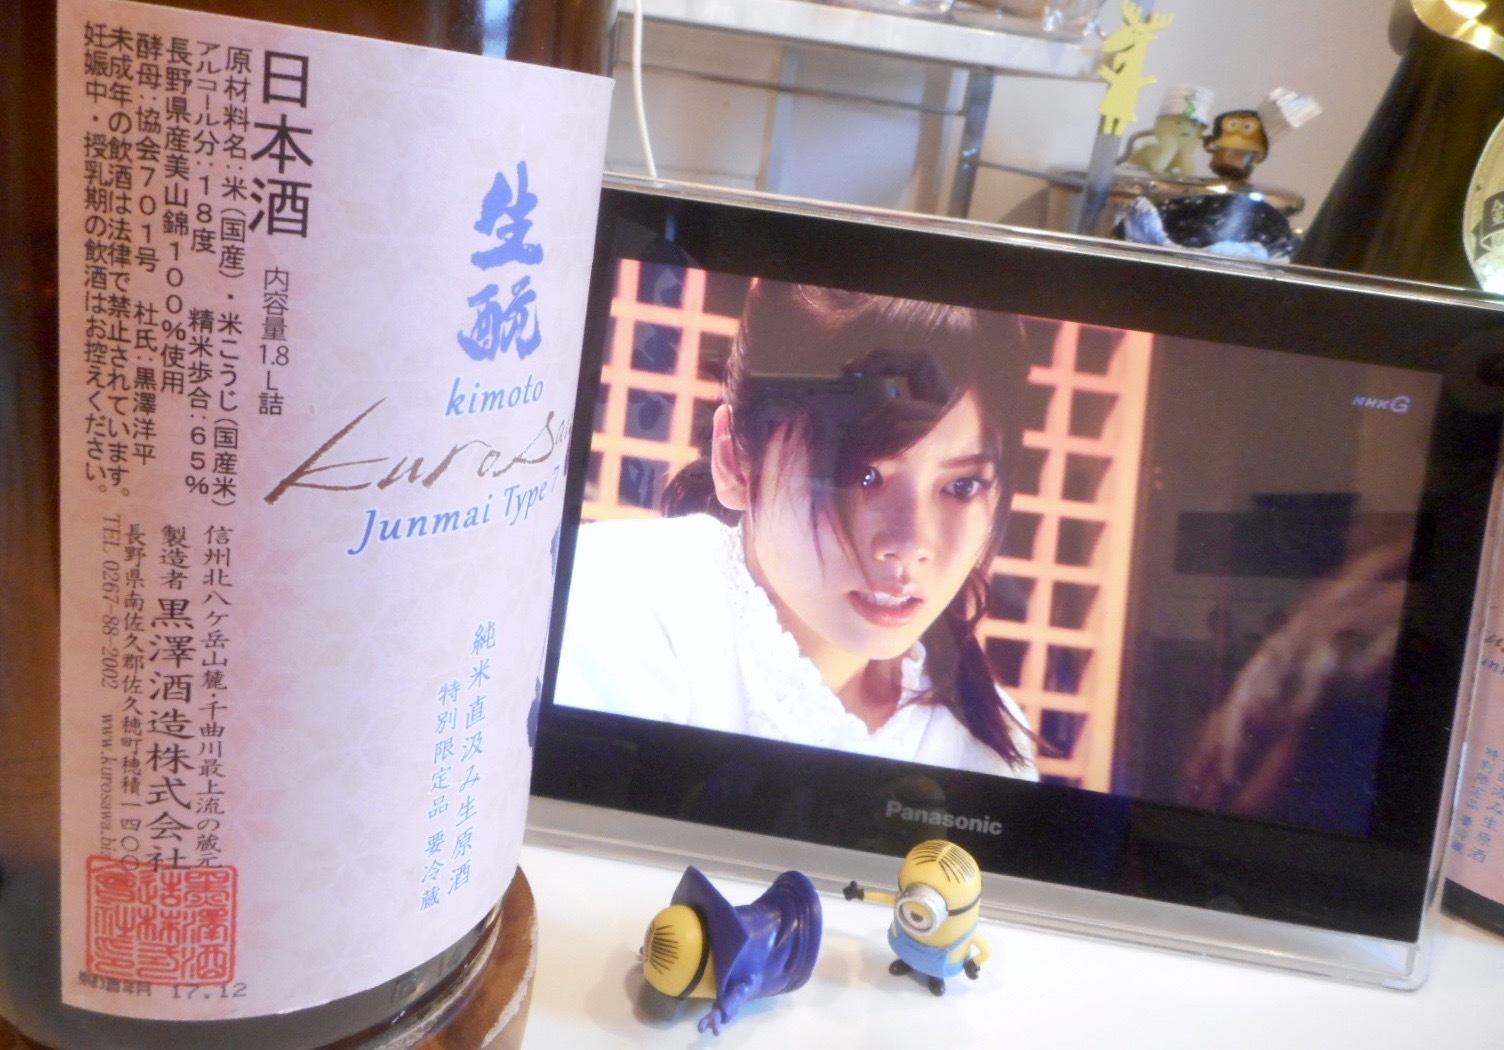 kurosawa_type7_29by_5_2.jpg